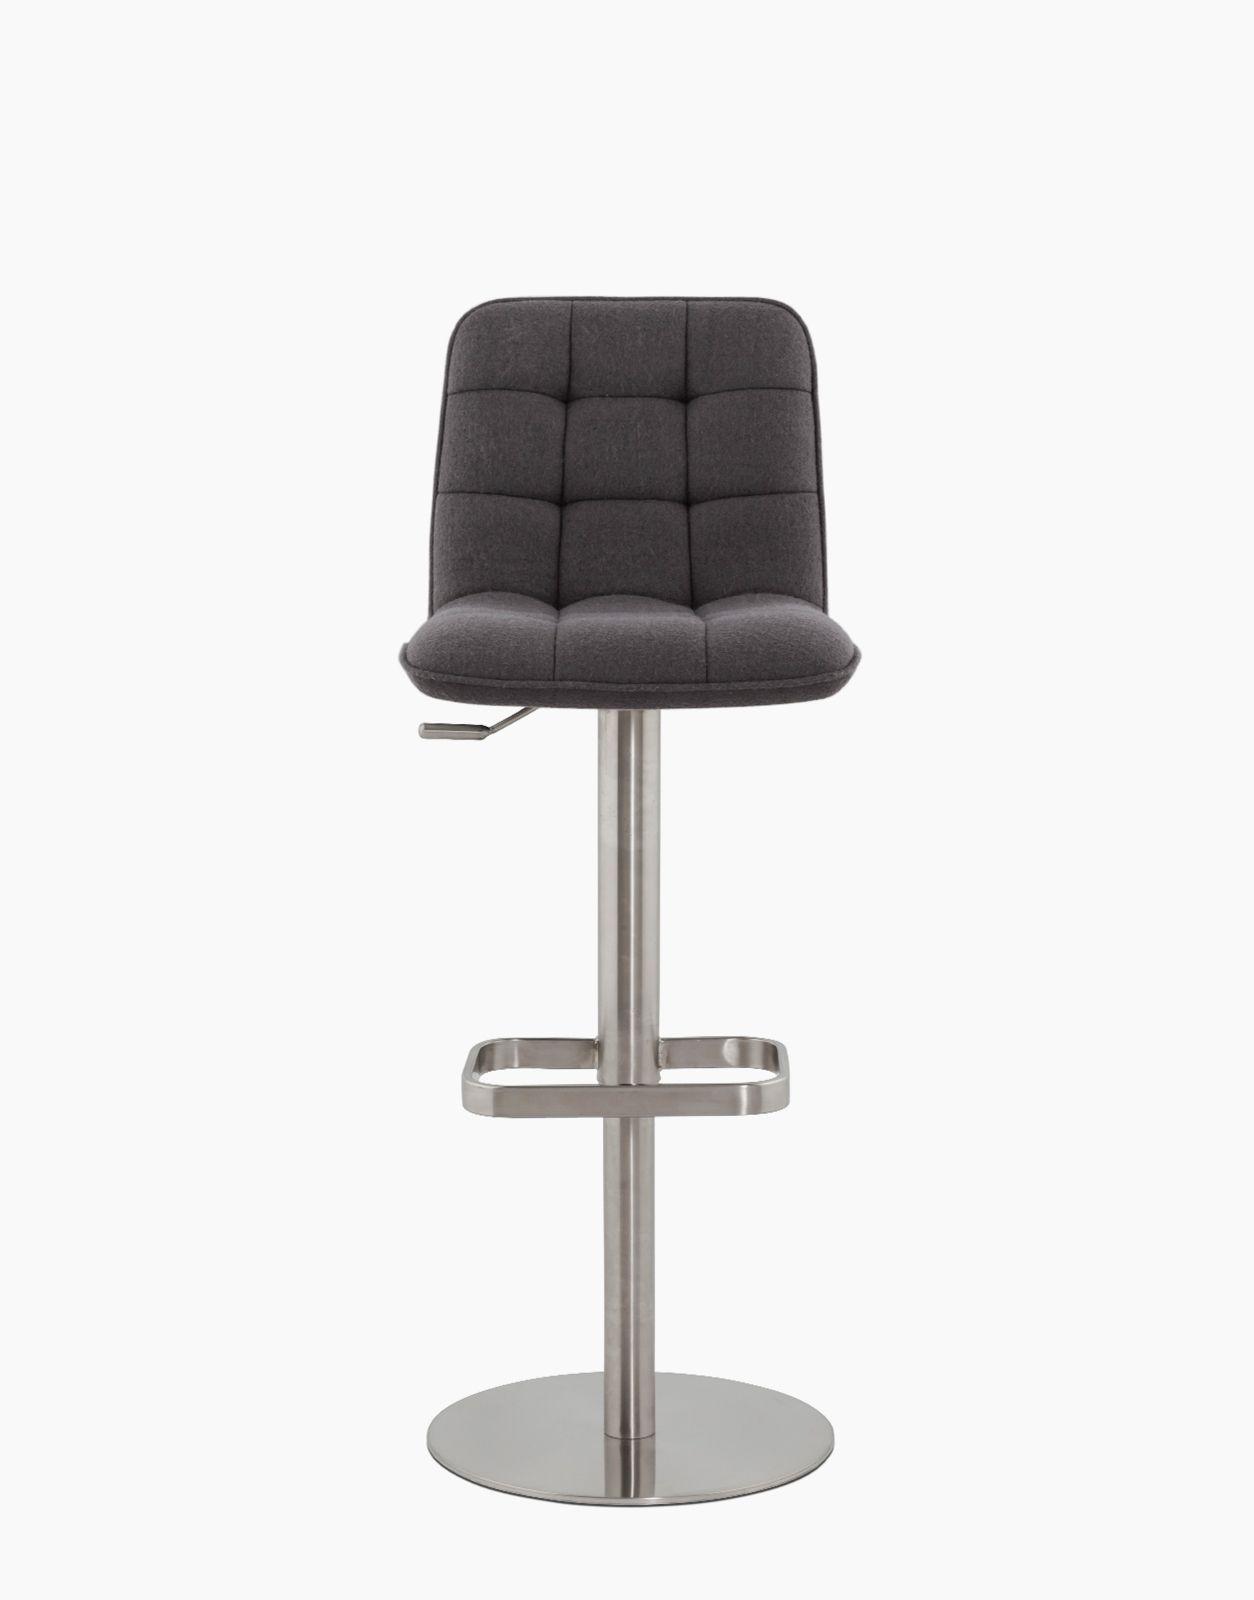 Epingle Par Solution Design Sur Produits Sur Solution Design Fr Tabouret De Bar Decoration Design Kokoon Design